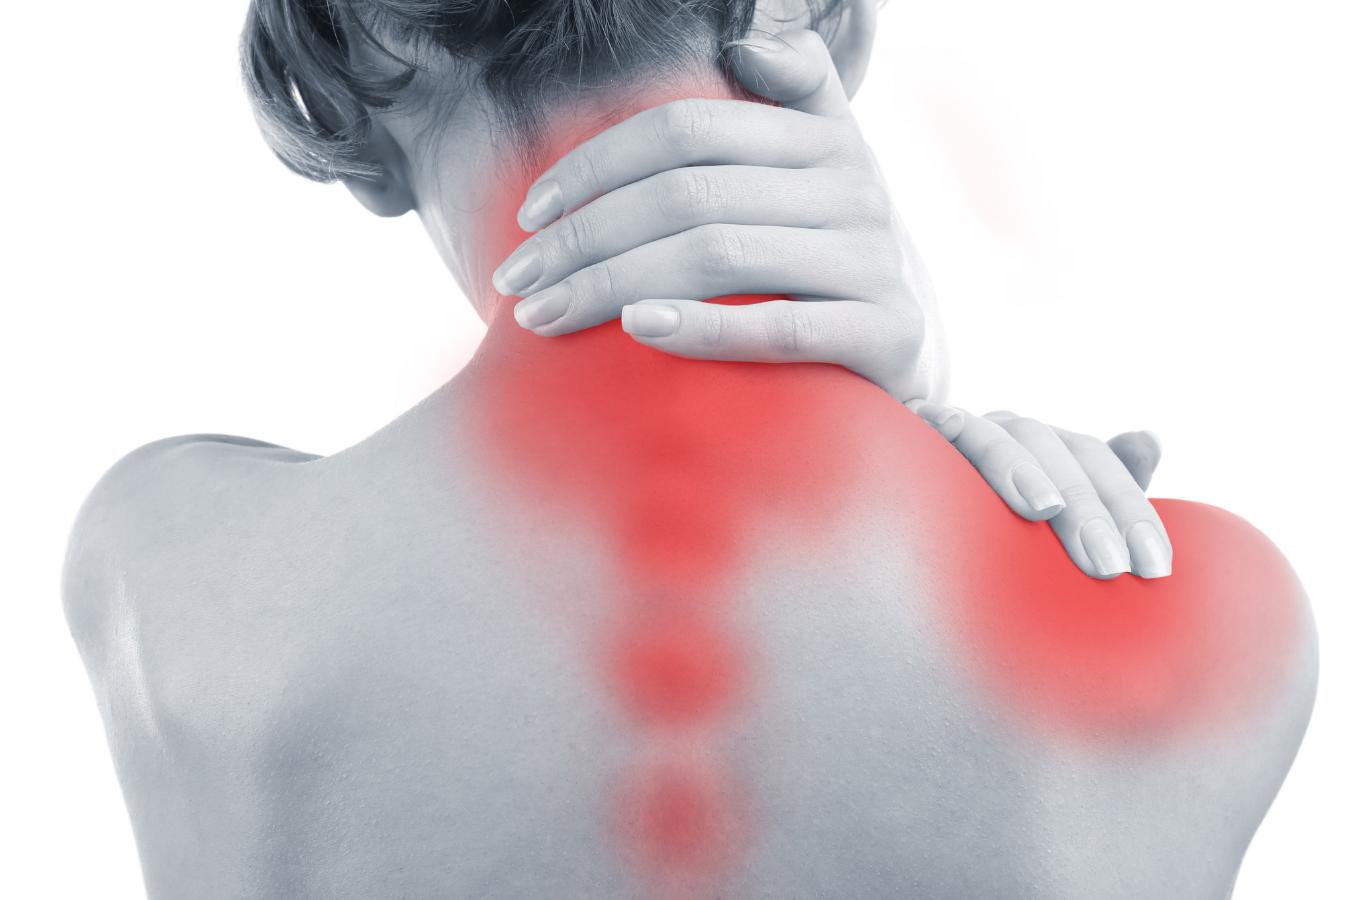 medicamente pentru tratamentul osteocondrozei cervicale la femei